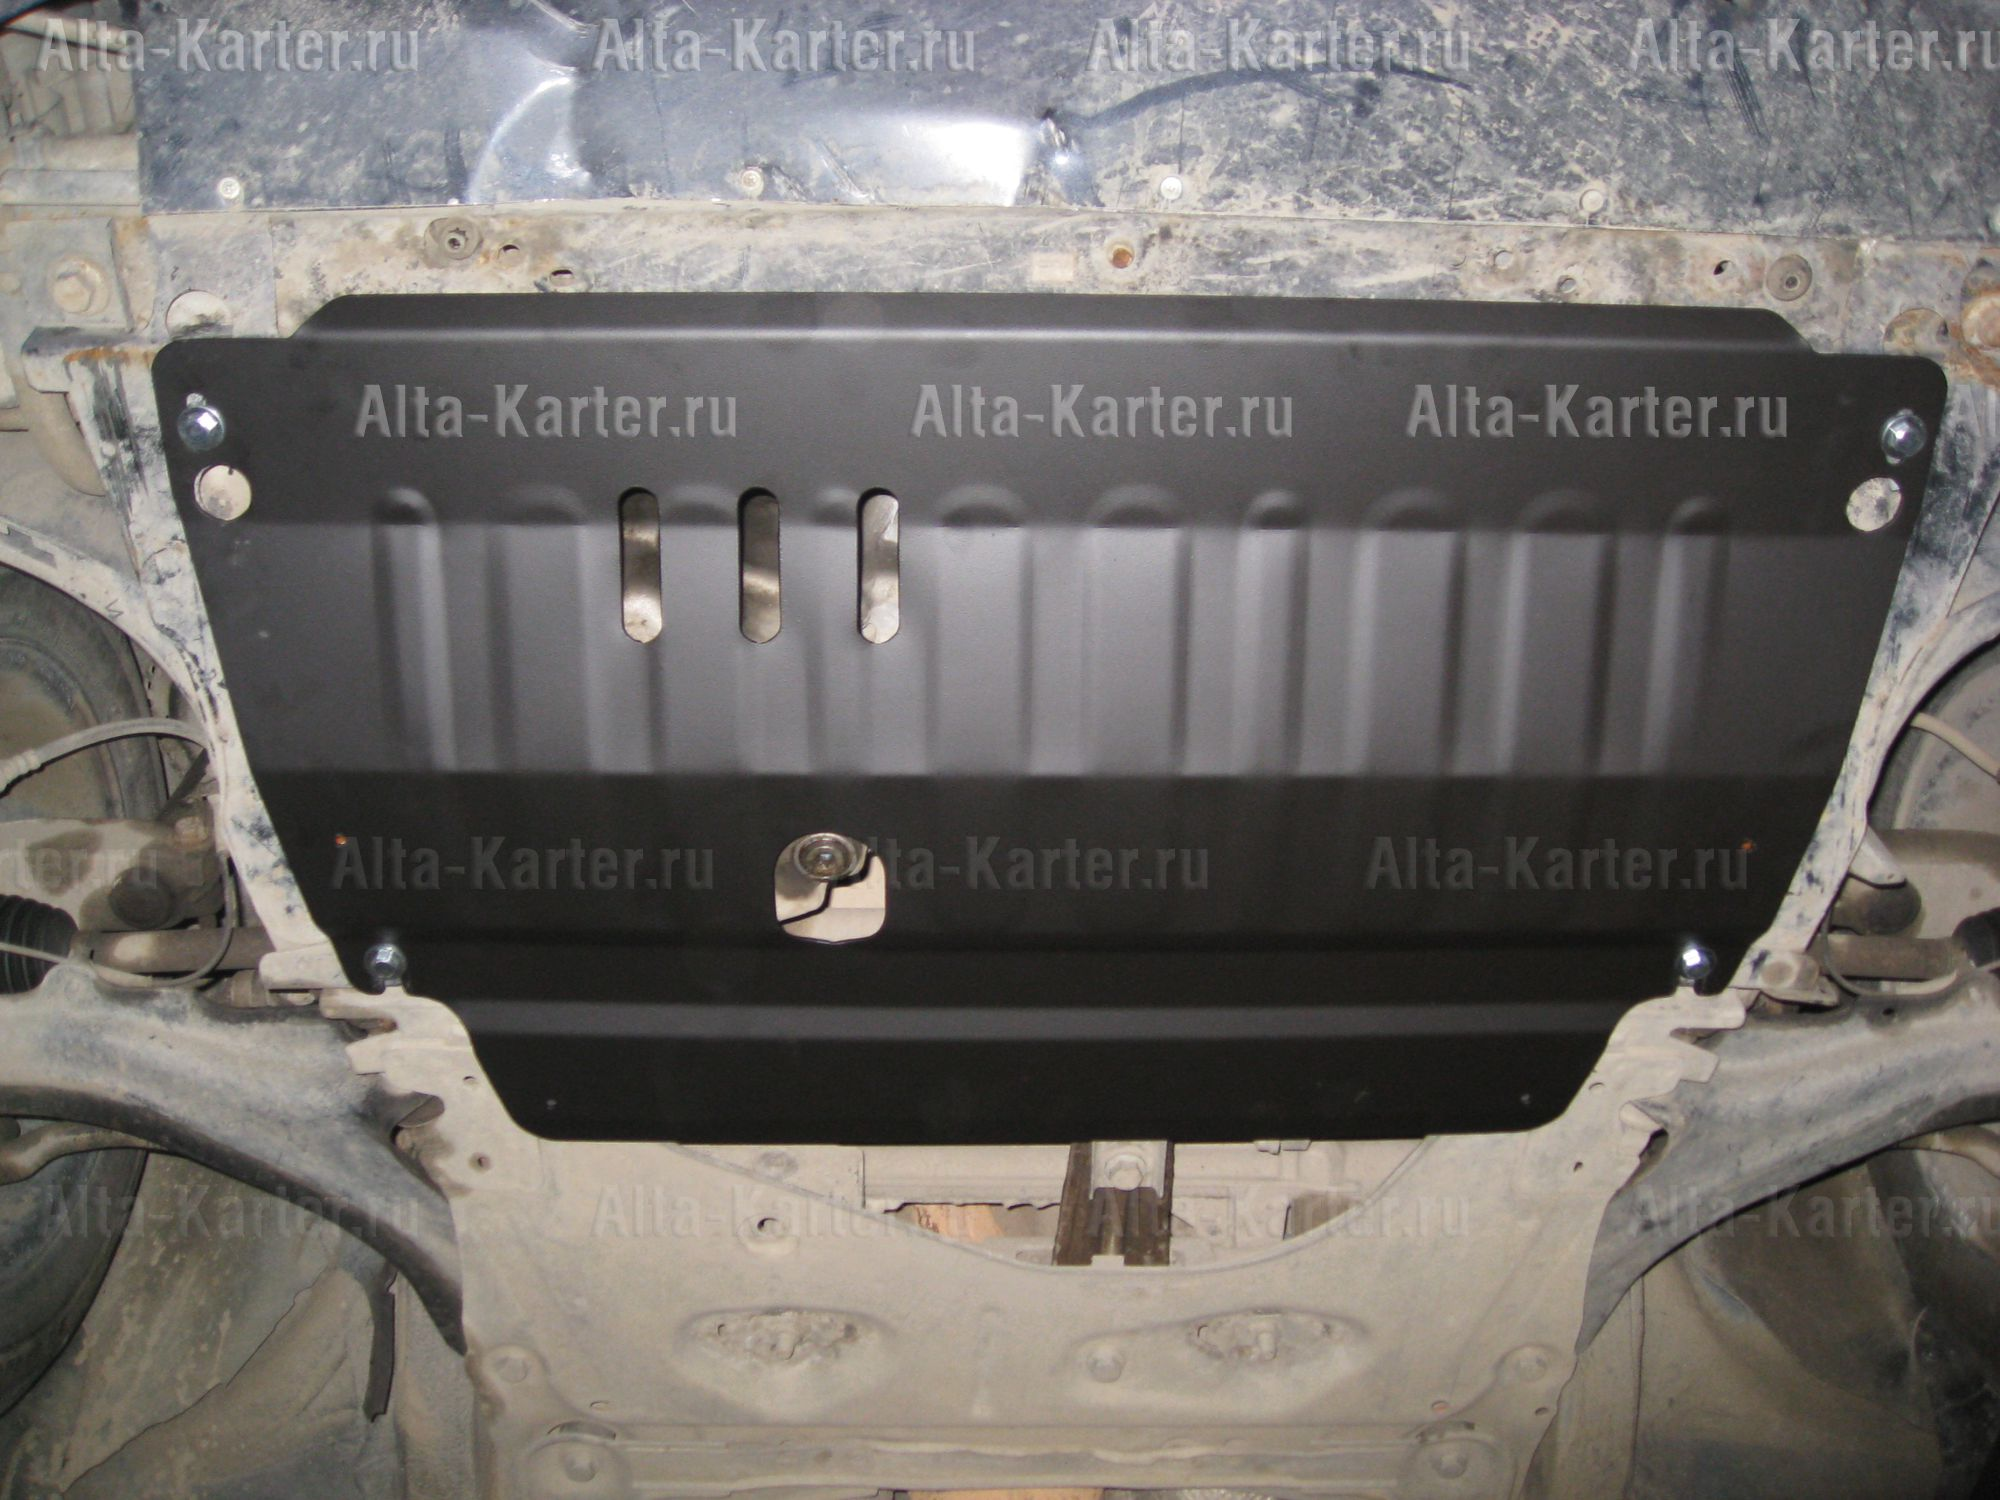 Защита Alfeco для картера и КПП Renault Megane II 2002-2009. Артикул ALF.18.03